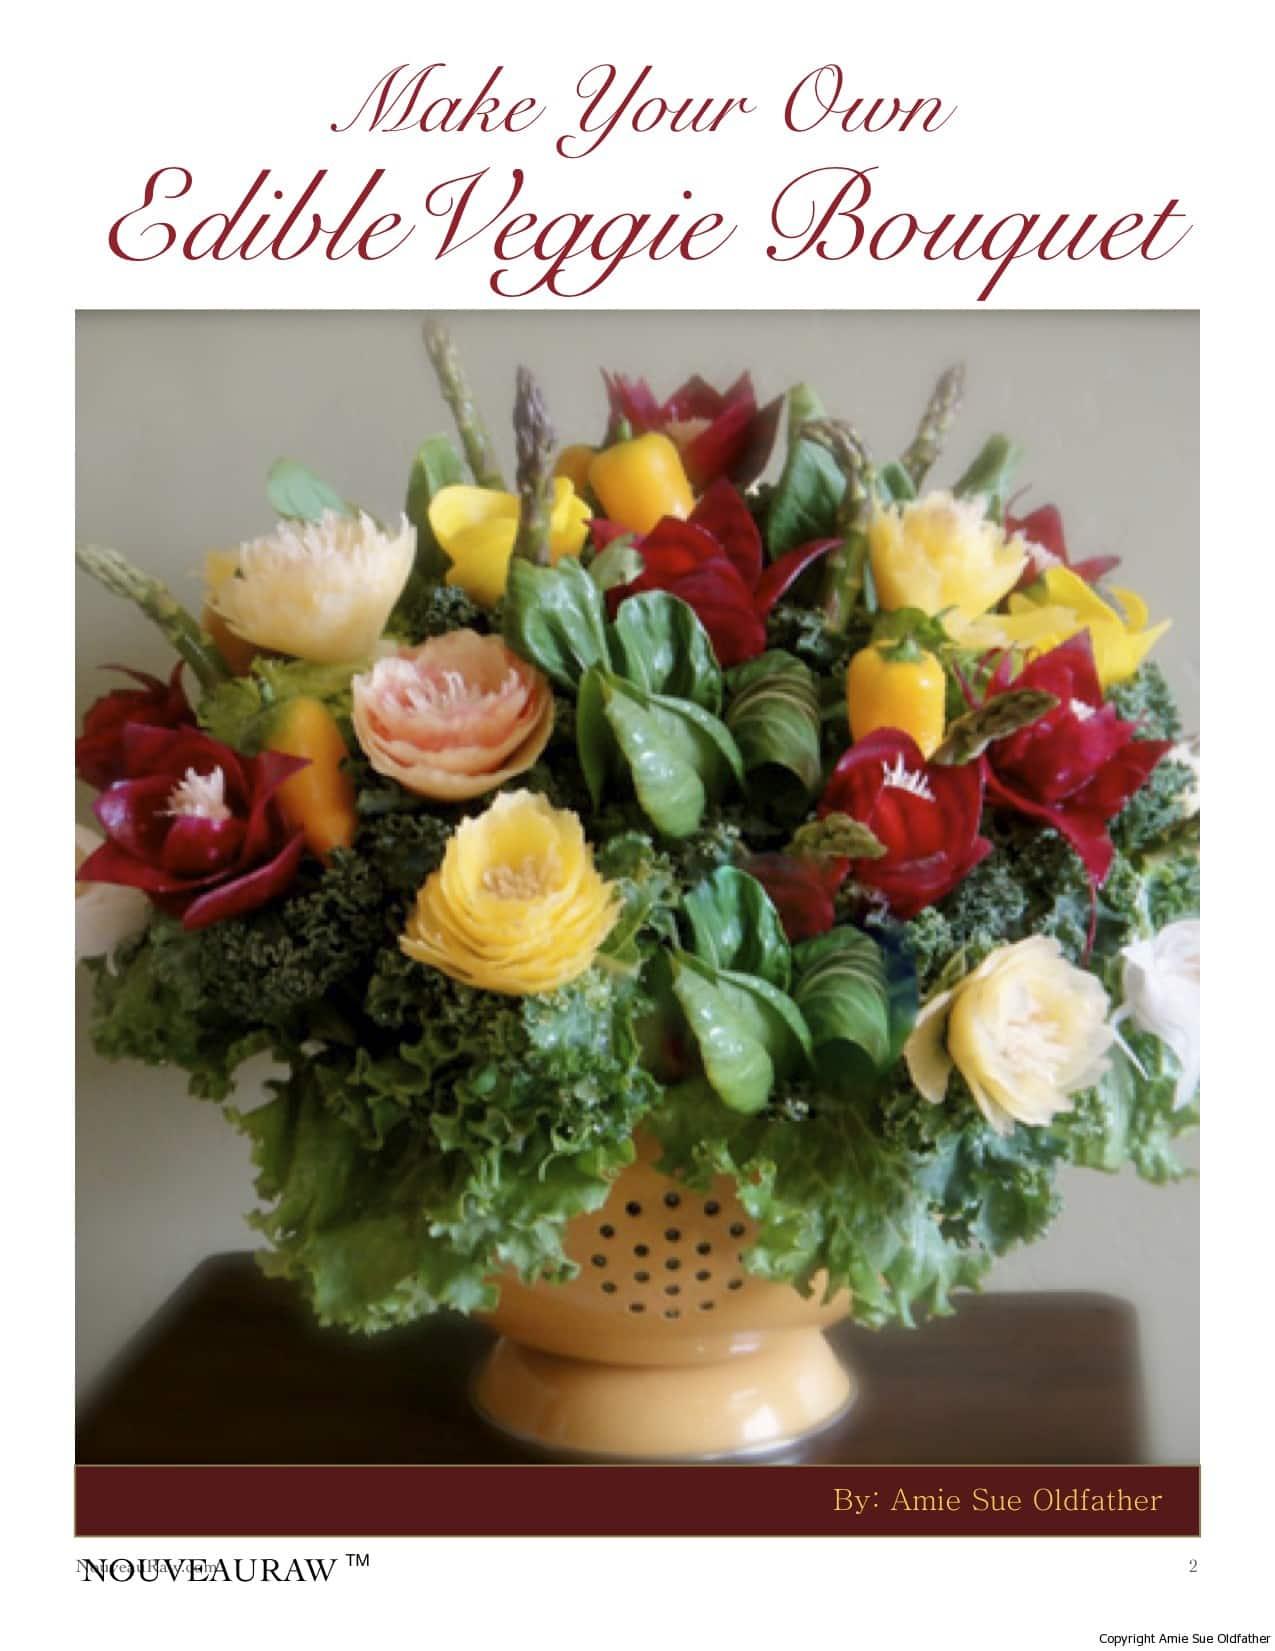 Veggie Bouquet cover